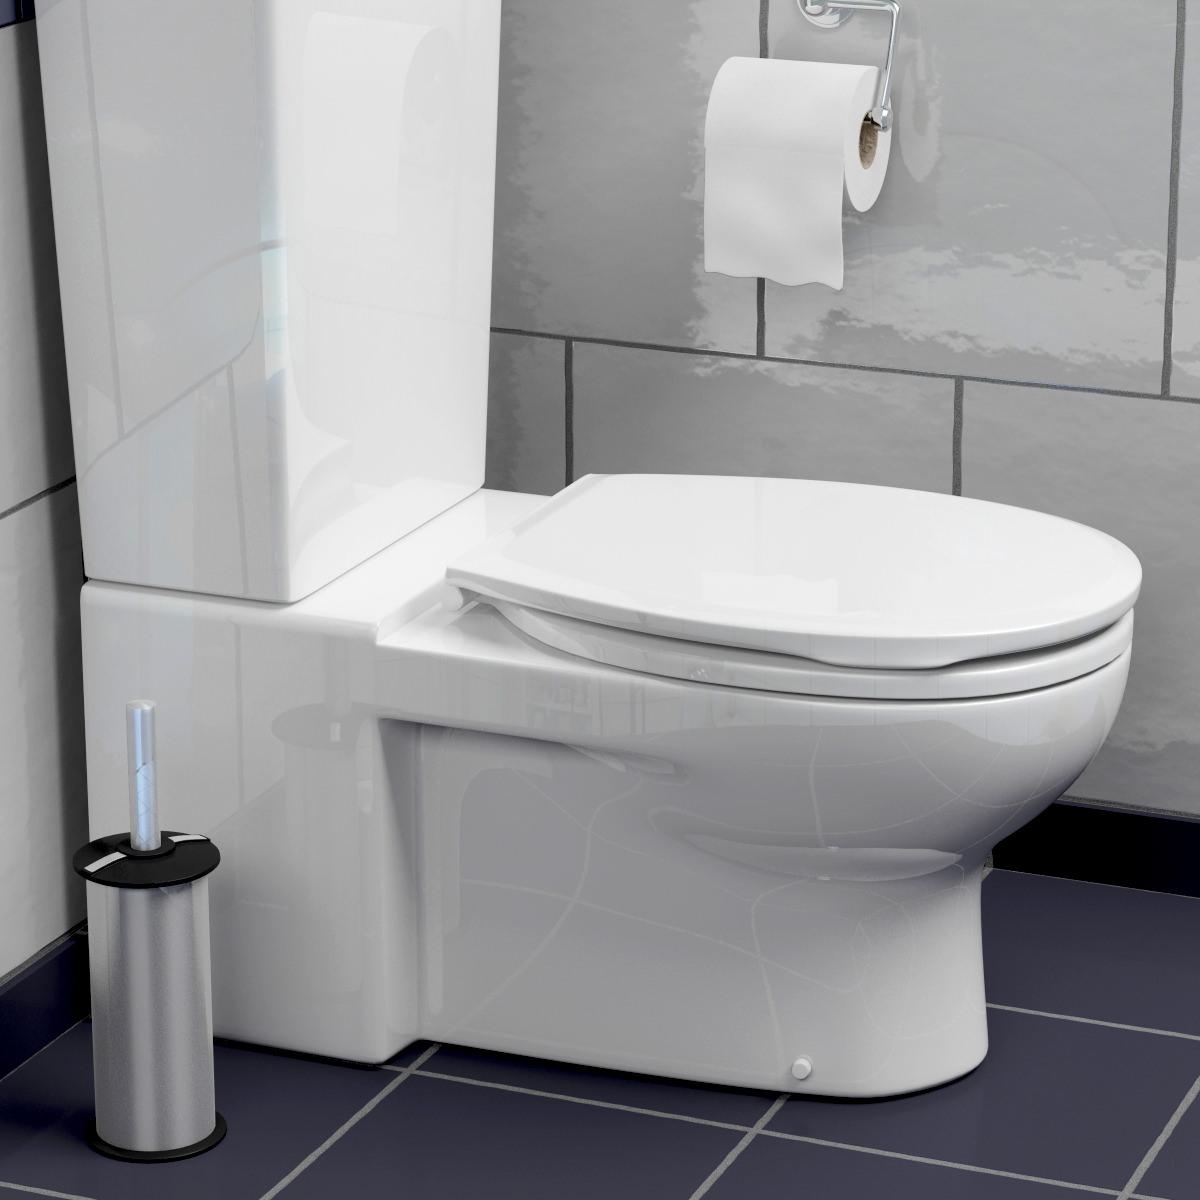 Toilet 3d Model Max Obj Fbx Cgtrader Com